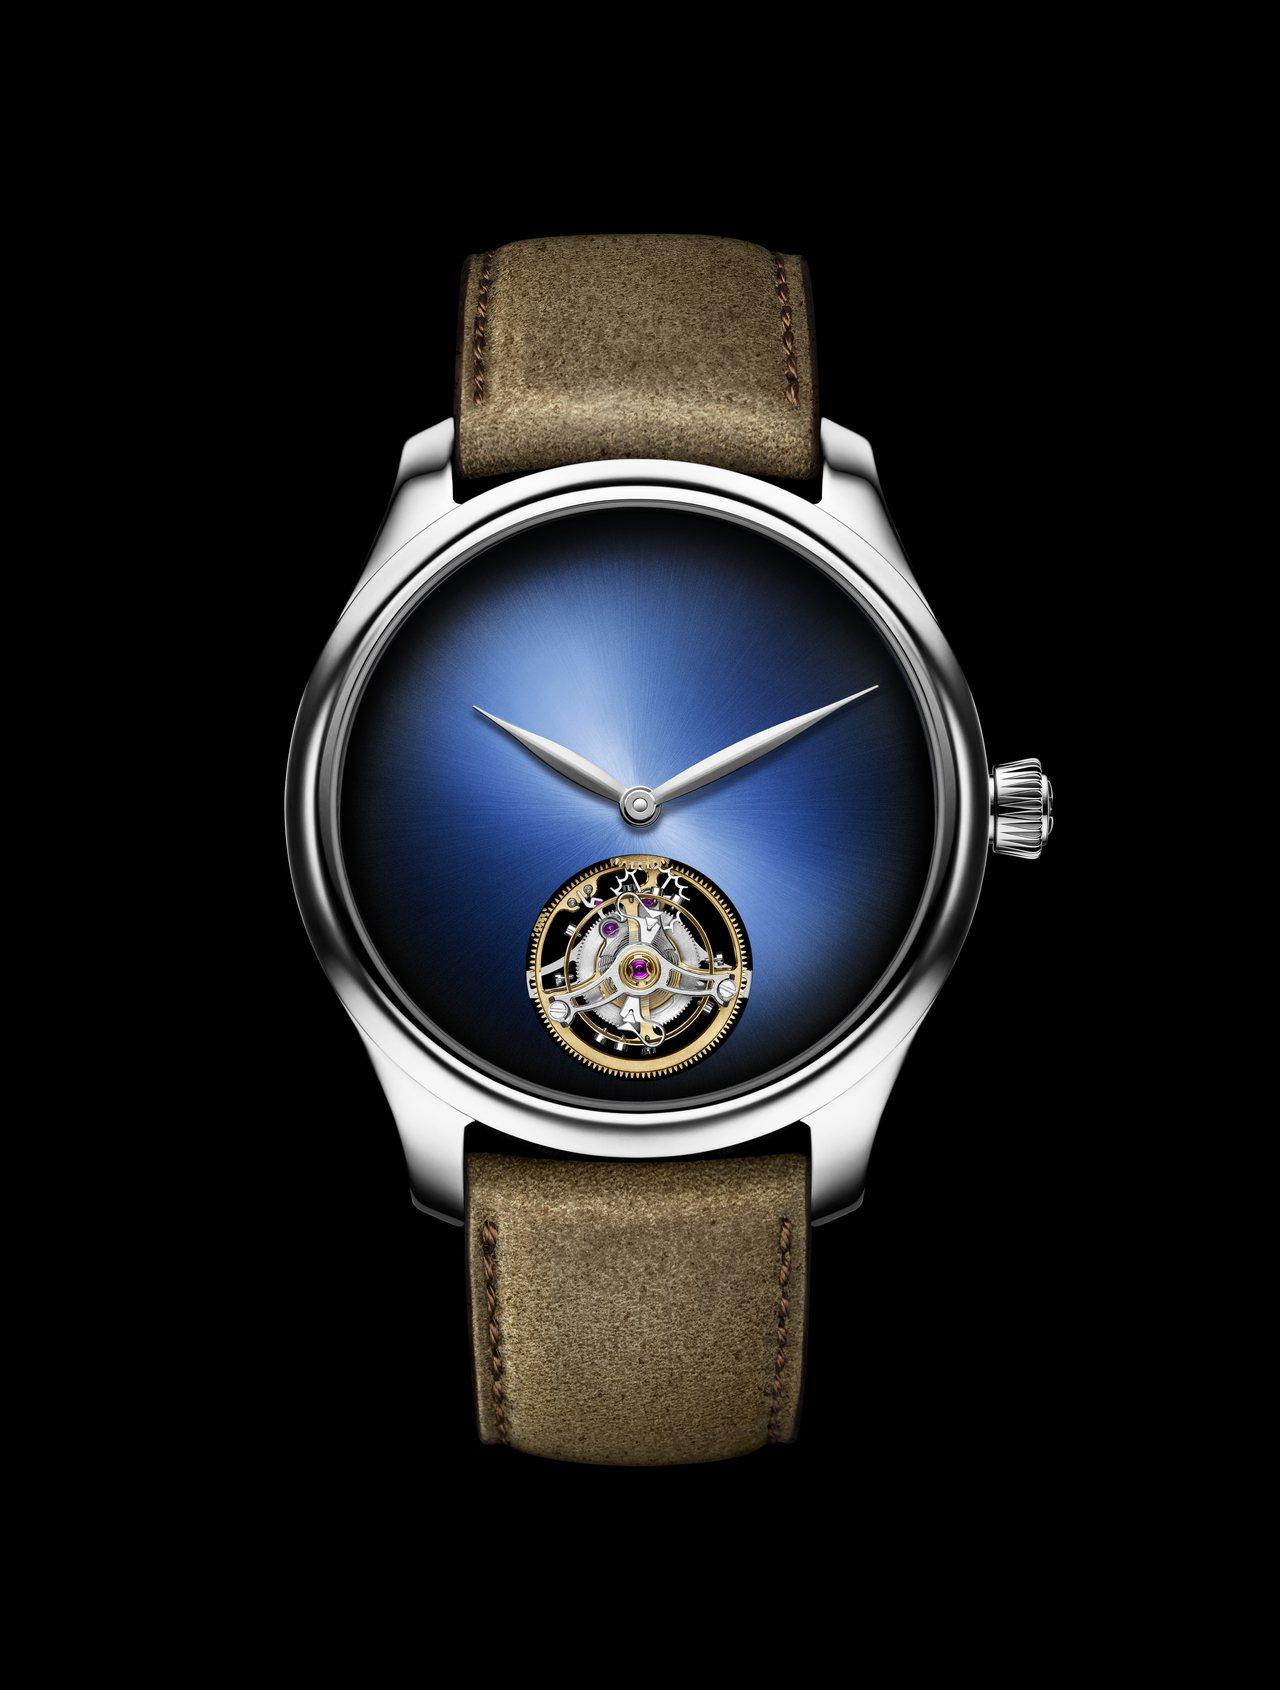 亨利慕時勇創者陀飛輪概念腕表,18K白金表殼,搭載原創雙層游絲HMC 804自製...